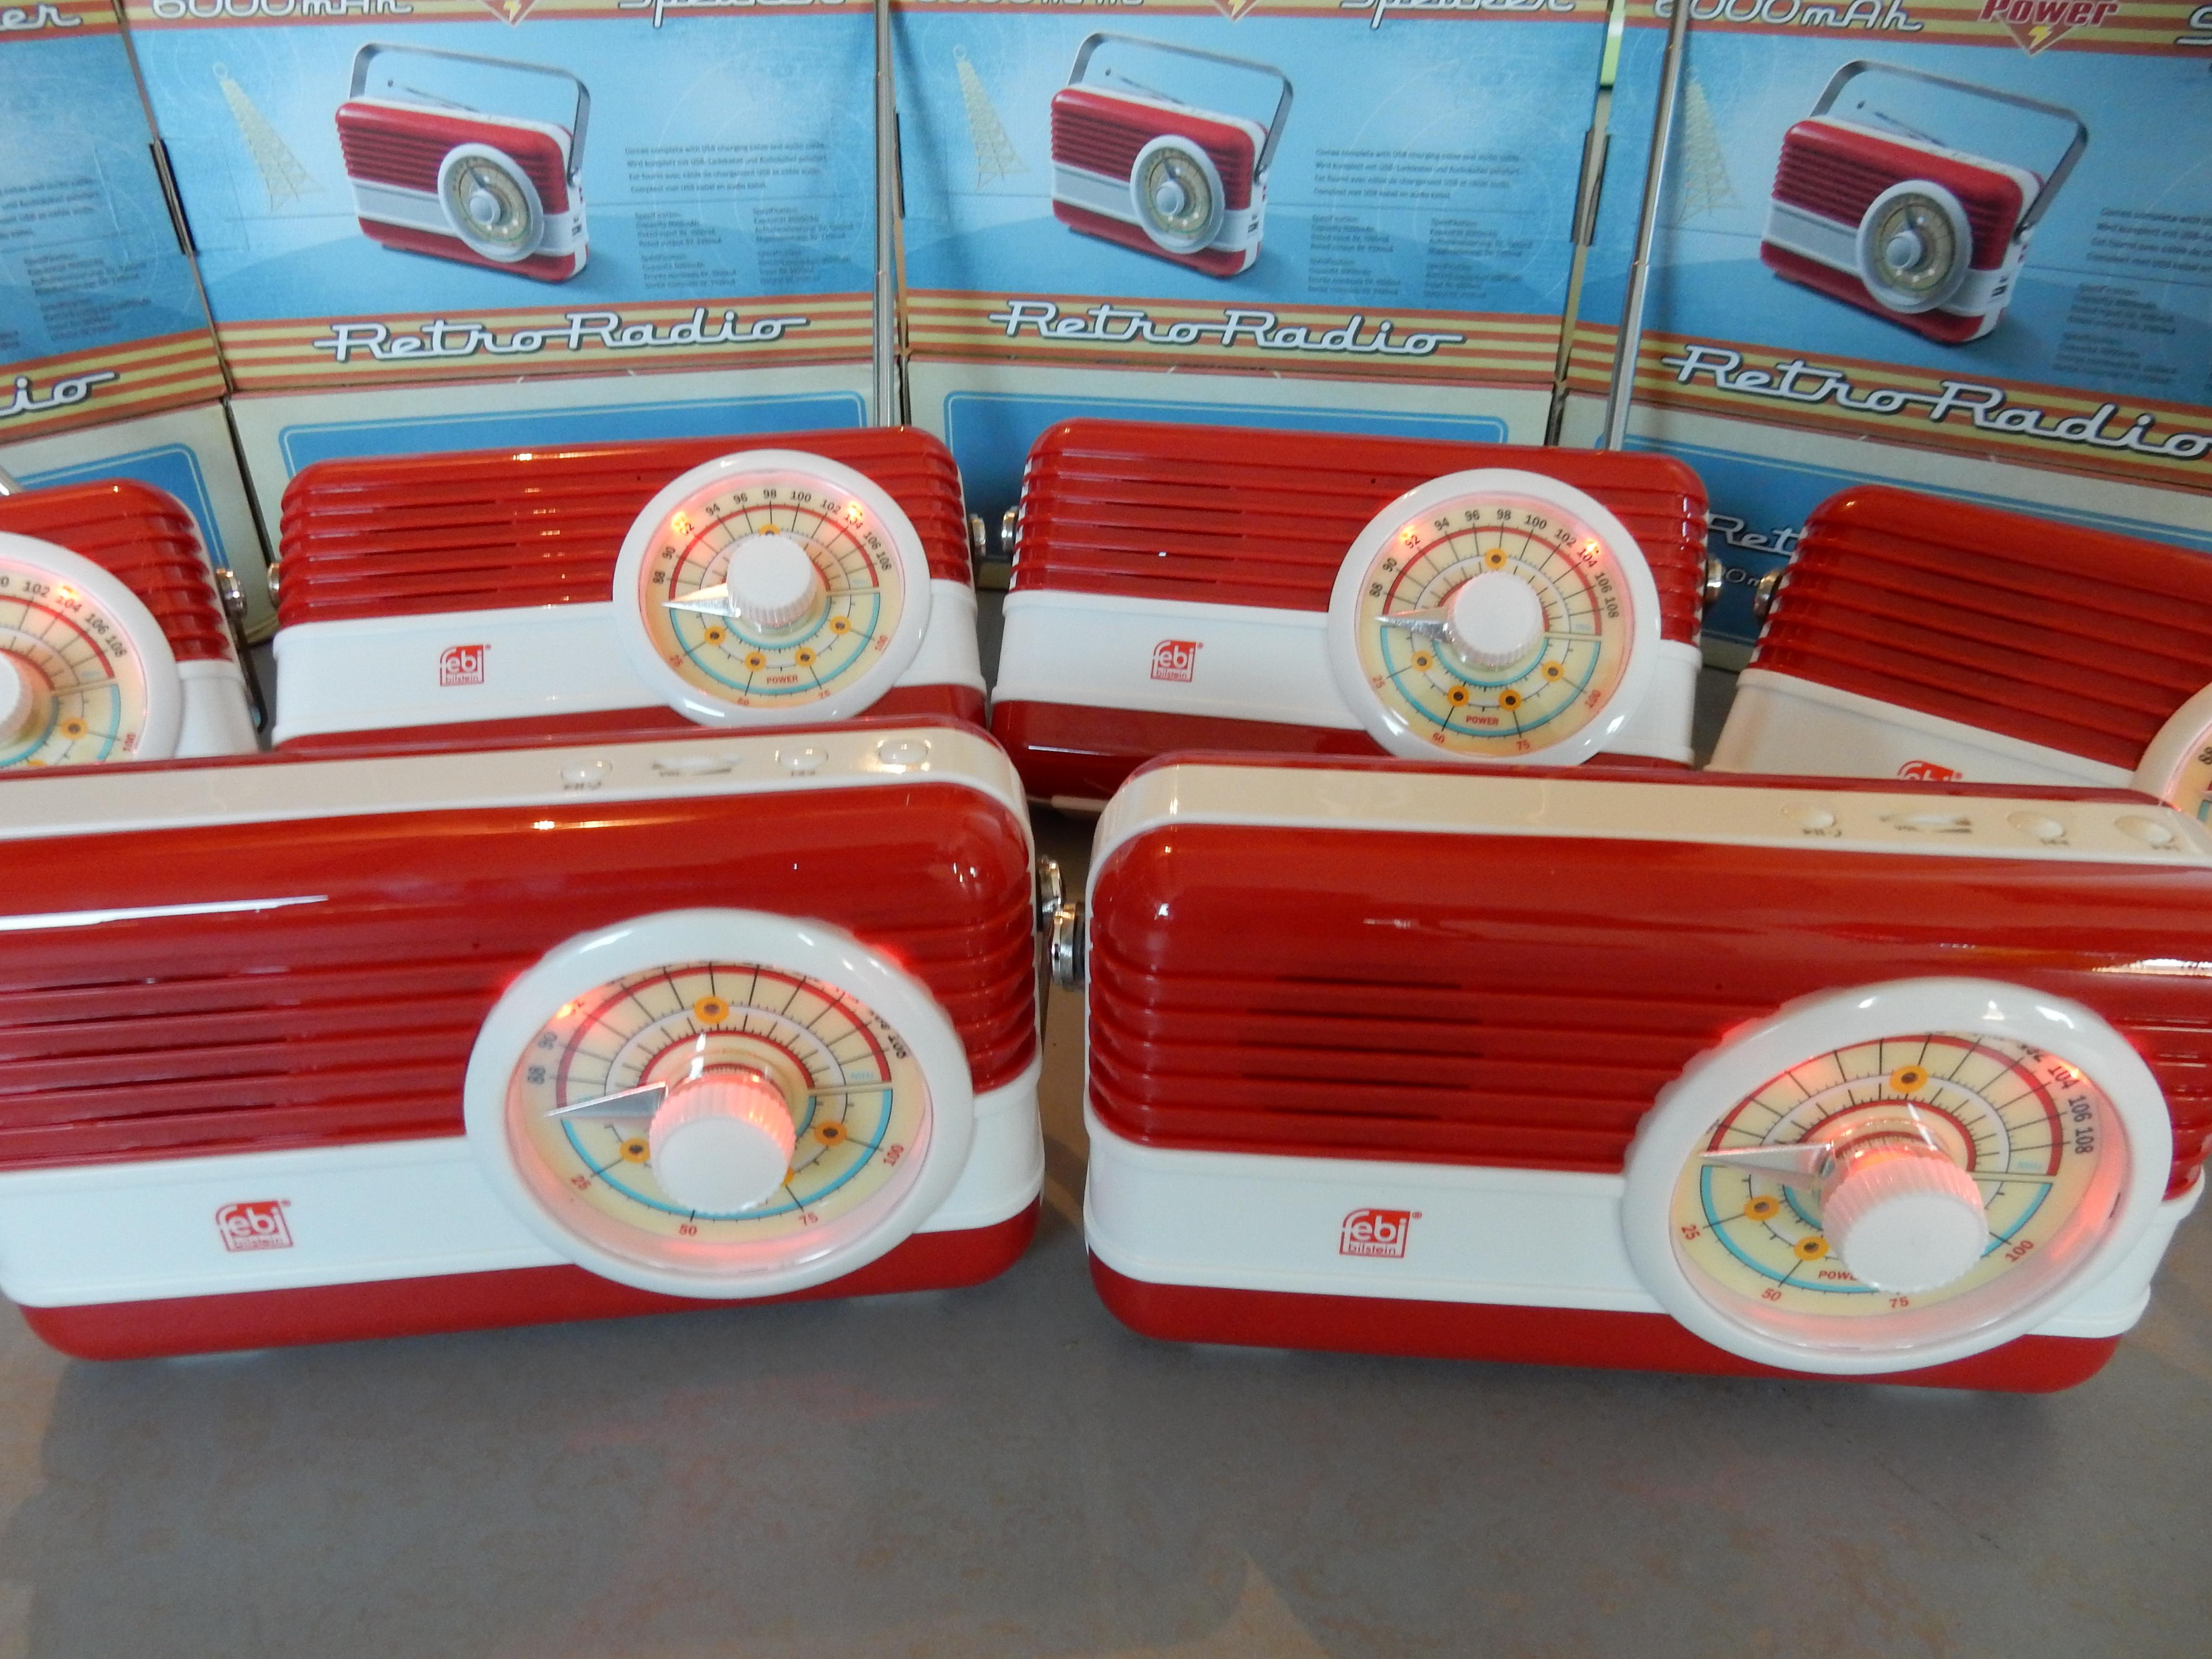 Gadget Retro Radio's